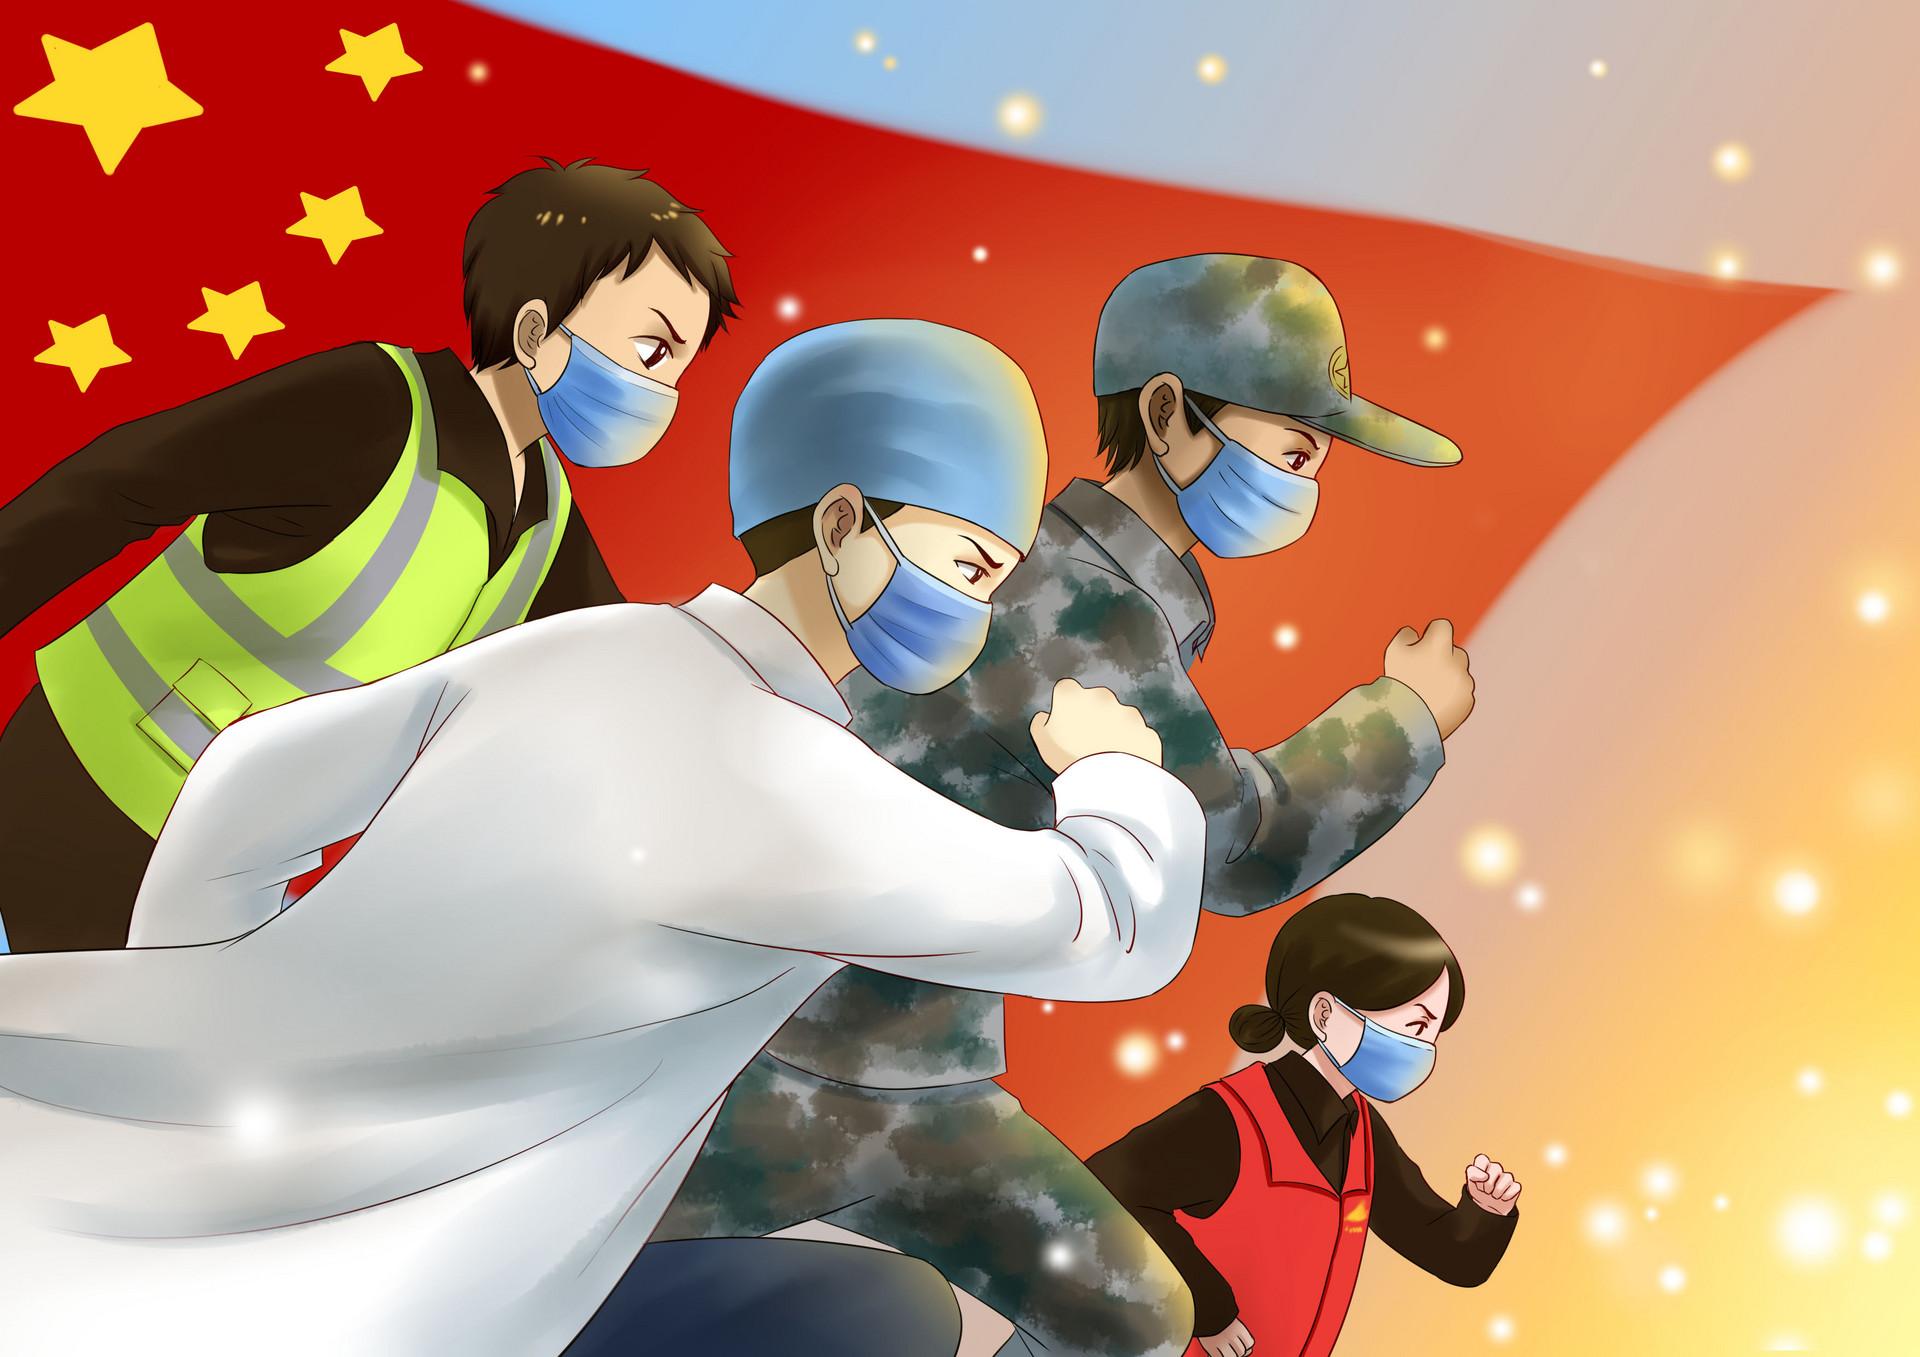 广东,我地撑你!猎毒者助力全面打赢这场防疫攻坚战!